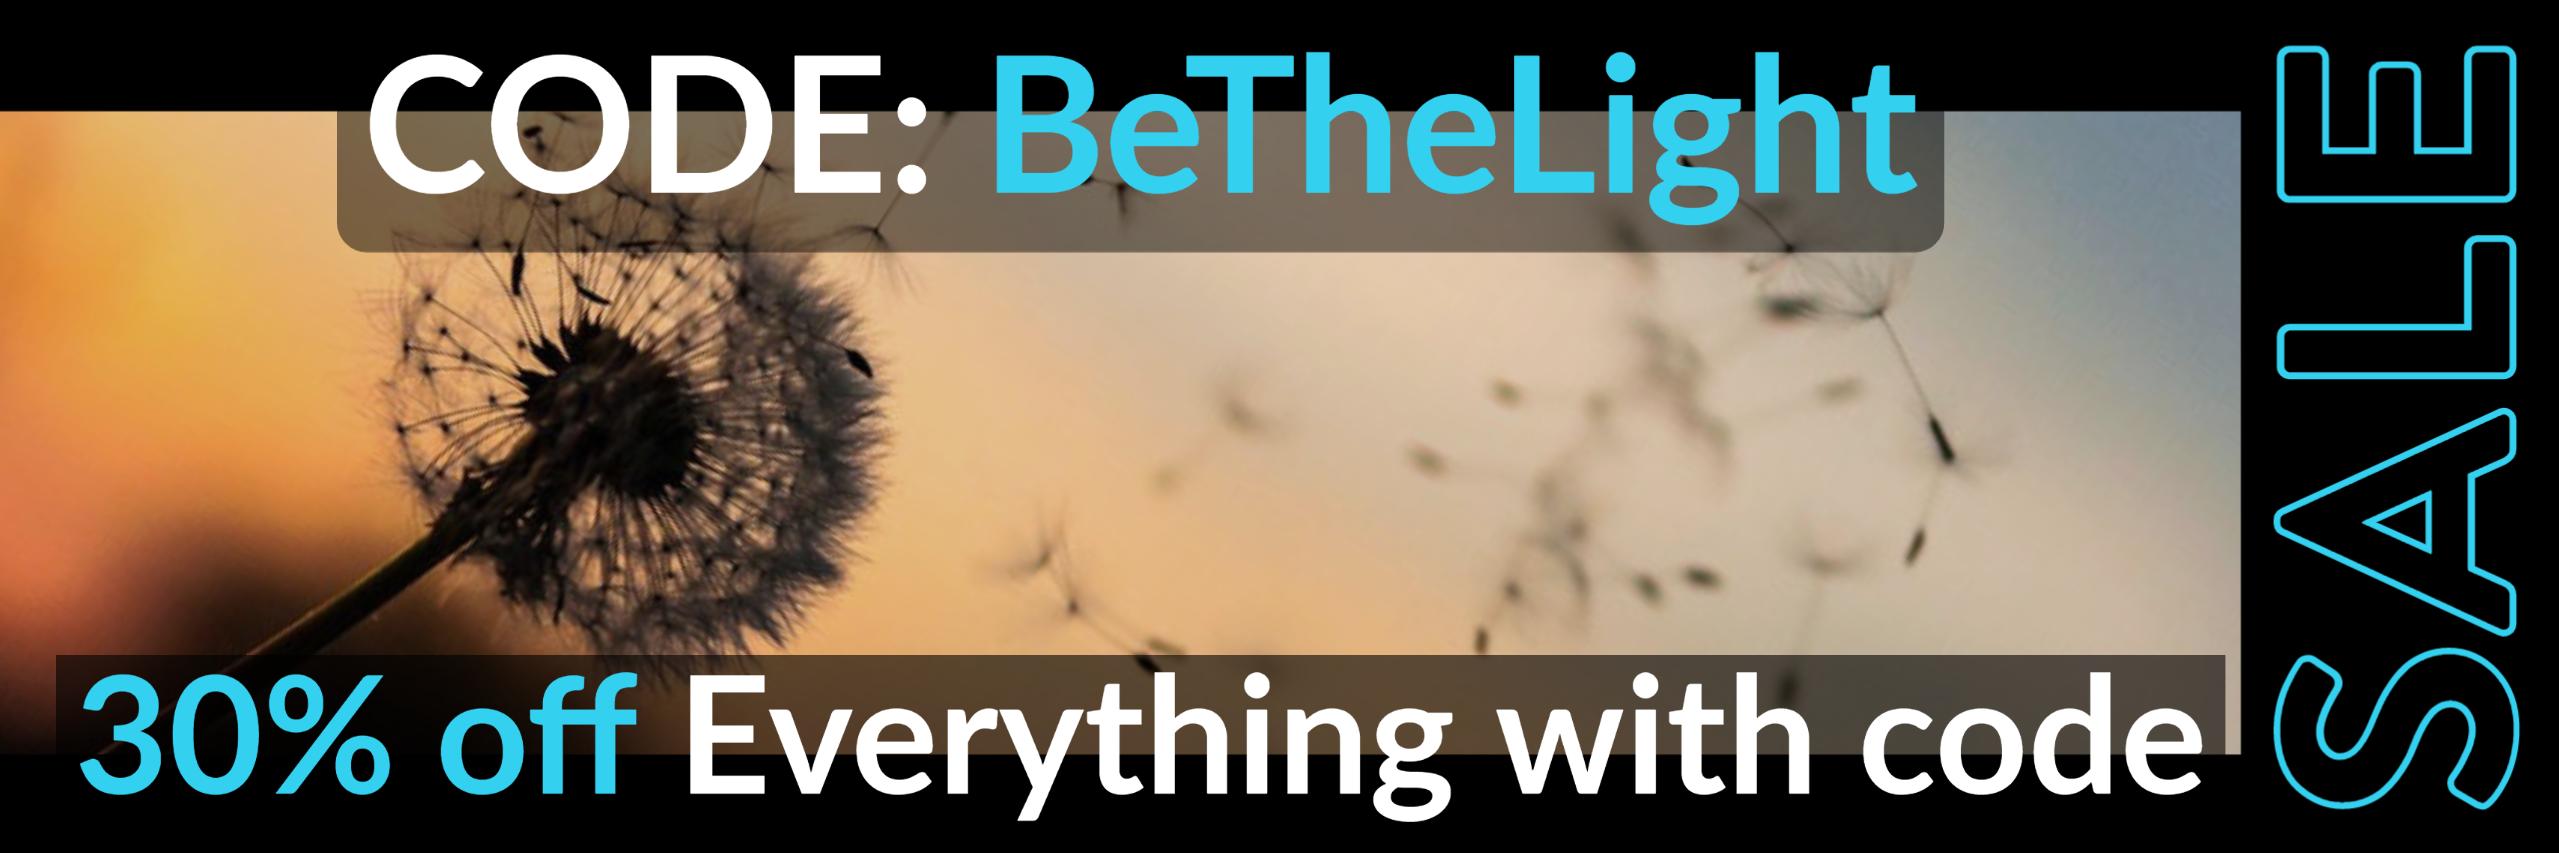 bethelight-web-banner-v2.png